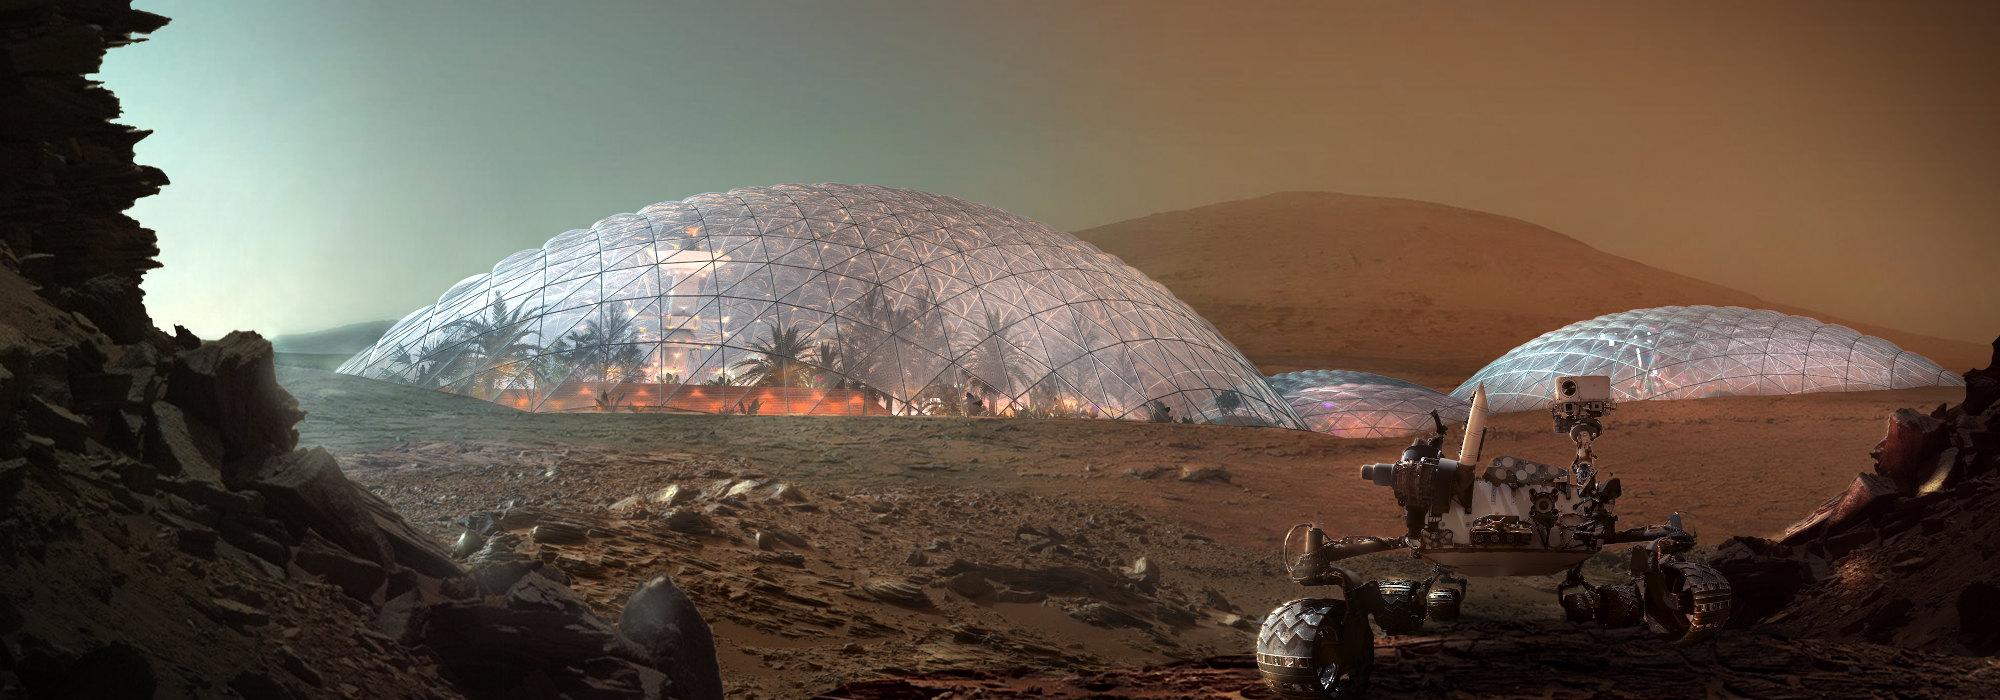 Bilim Treni | NASA Astrofizikçisi Dr. Umut Yıldız ile Mars'a Yolculuk Sohbeti